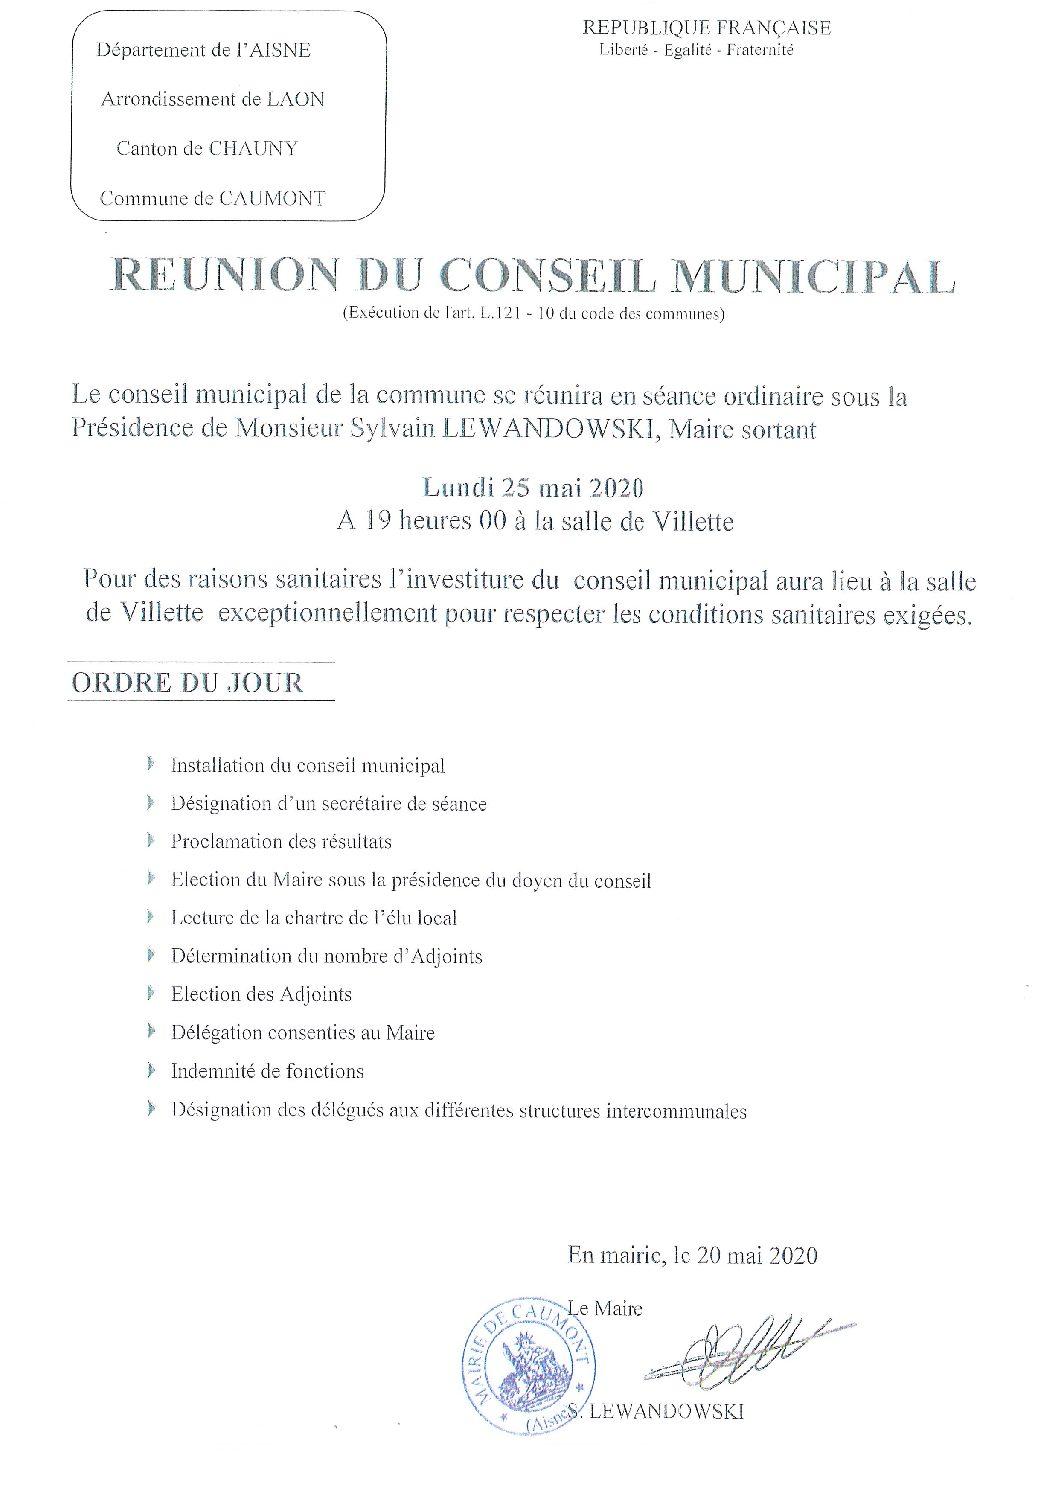 """Conseil municipal le 25 mai 2020 à 19h """"salle de Villette"""""""